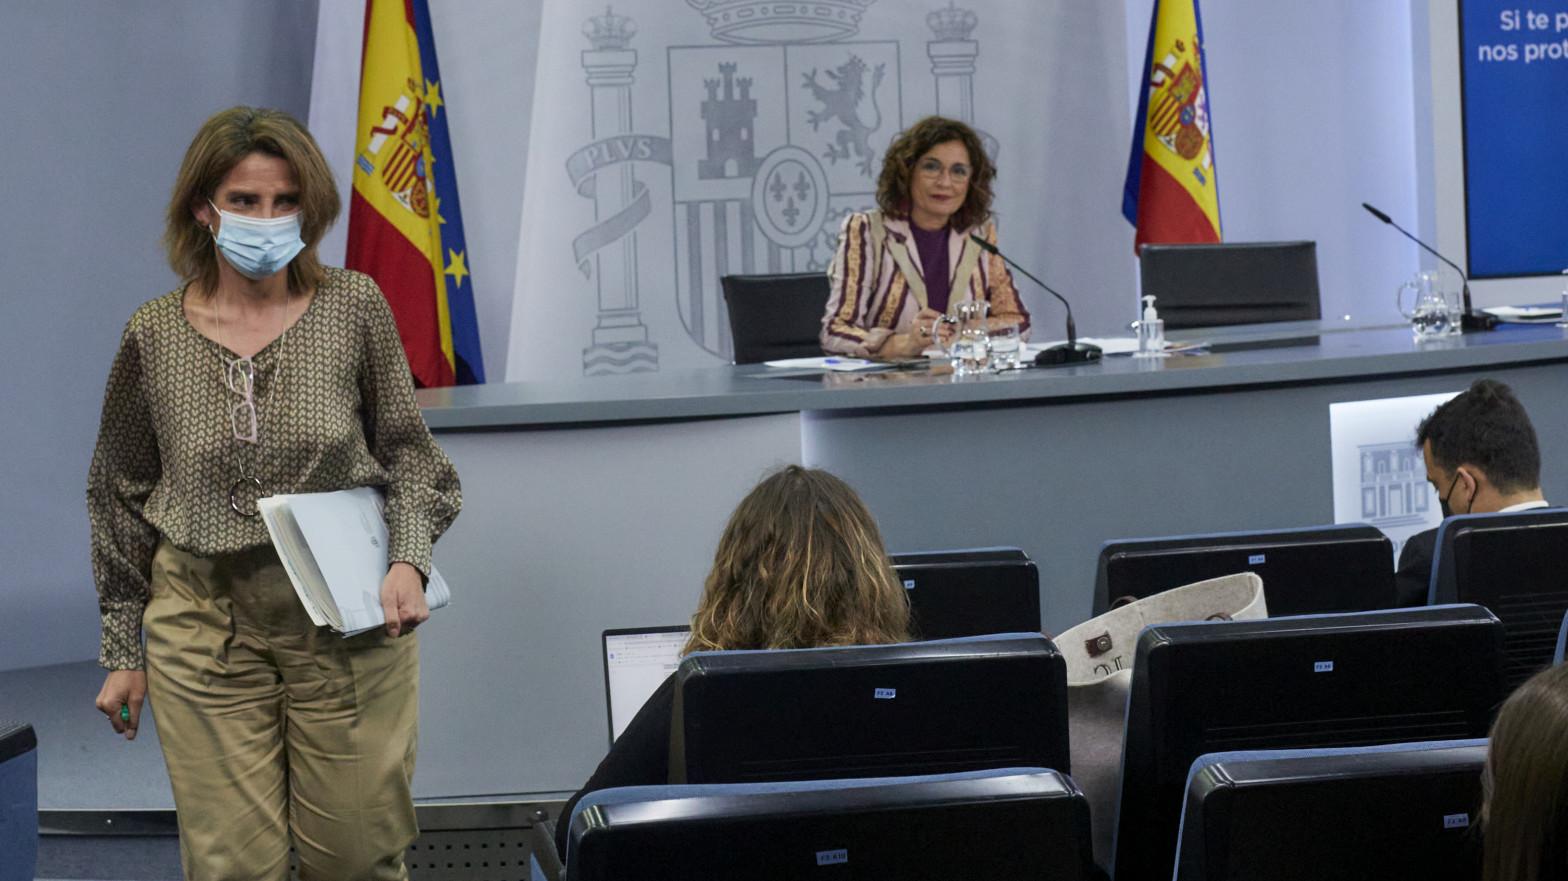 La ministra de Hacienda y portavoz del Gobierno, María Jesús Montero (i), y la vicepresidenta cuarta y ministra para la Transición Ecológica y el Reto Demográfico, Teresa Ribera